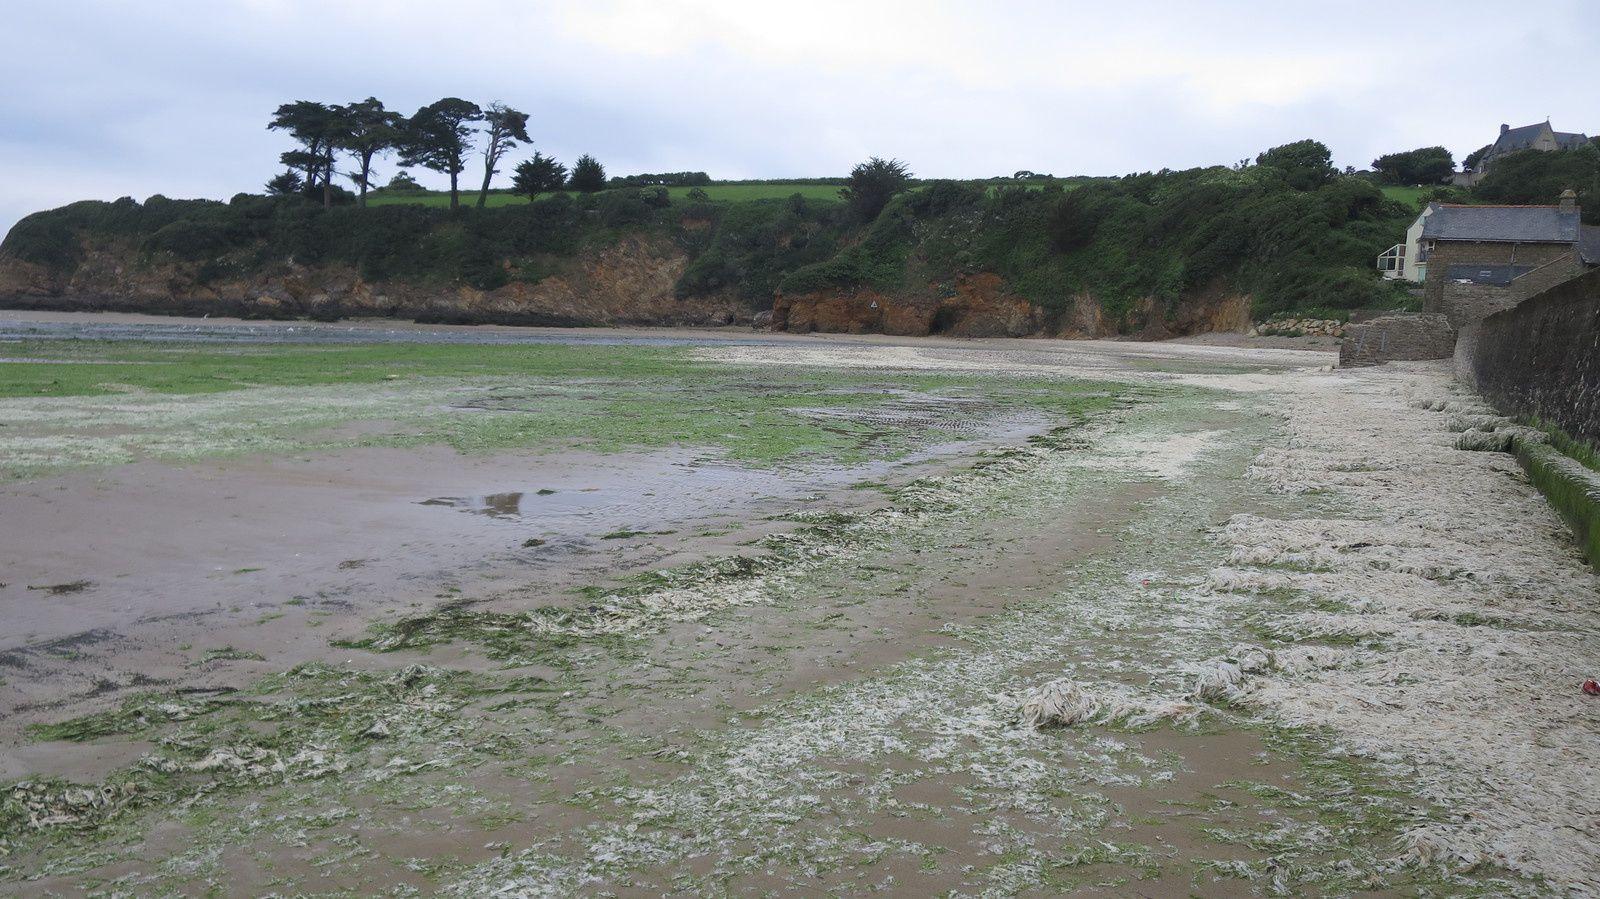 Plage du Ris, algues vertes et blanches (décomposées) 12 juin